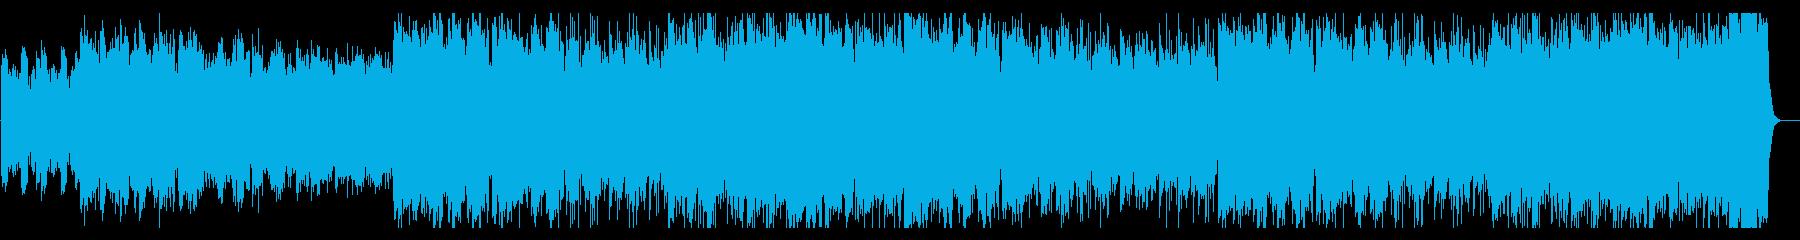 のどかな村や平原をイメージした日常曲の再生済みの波形